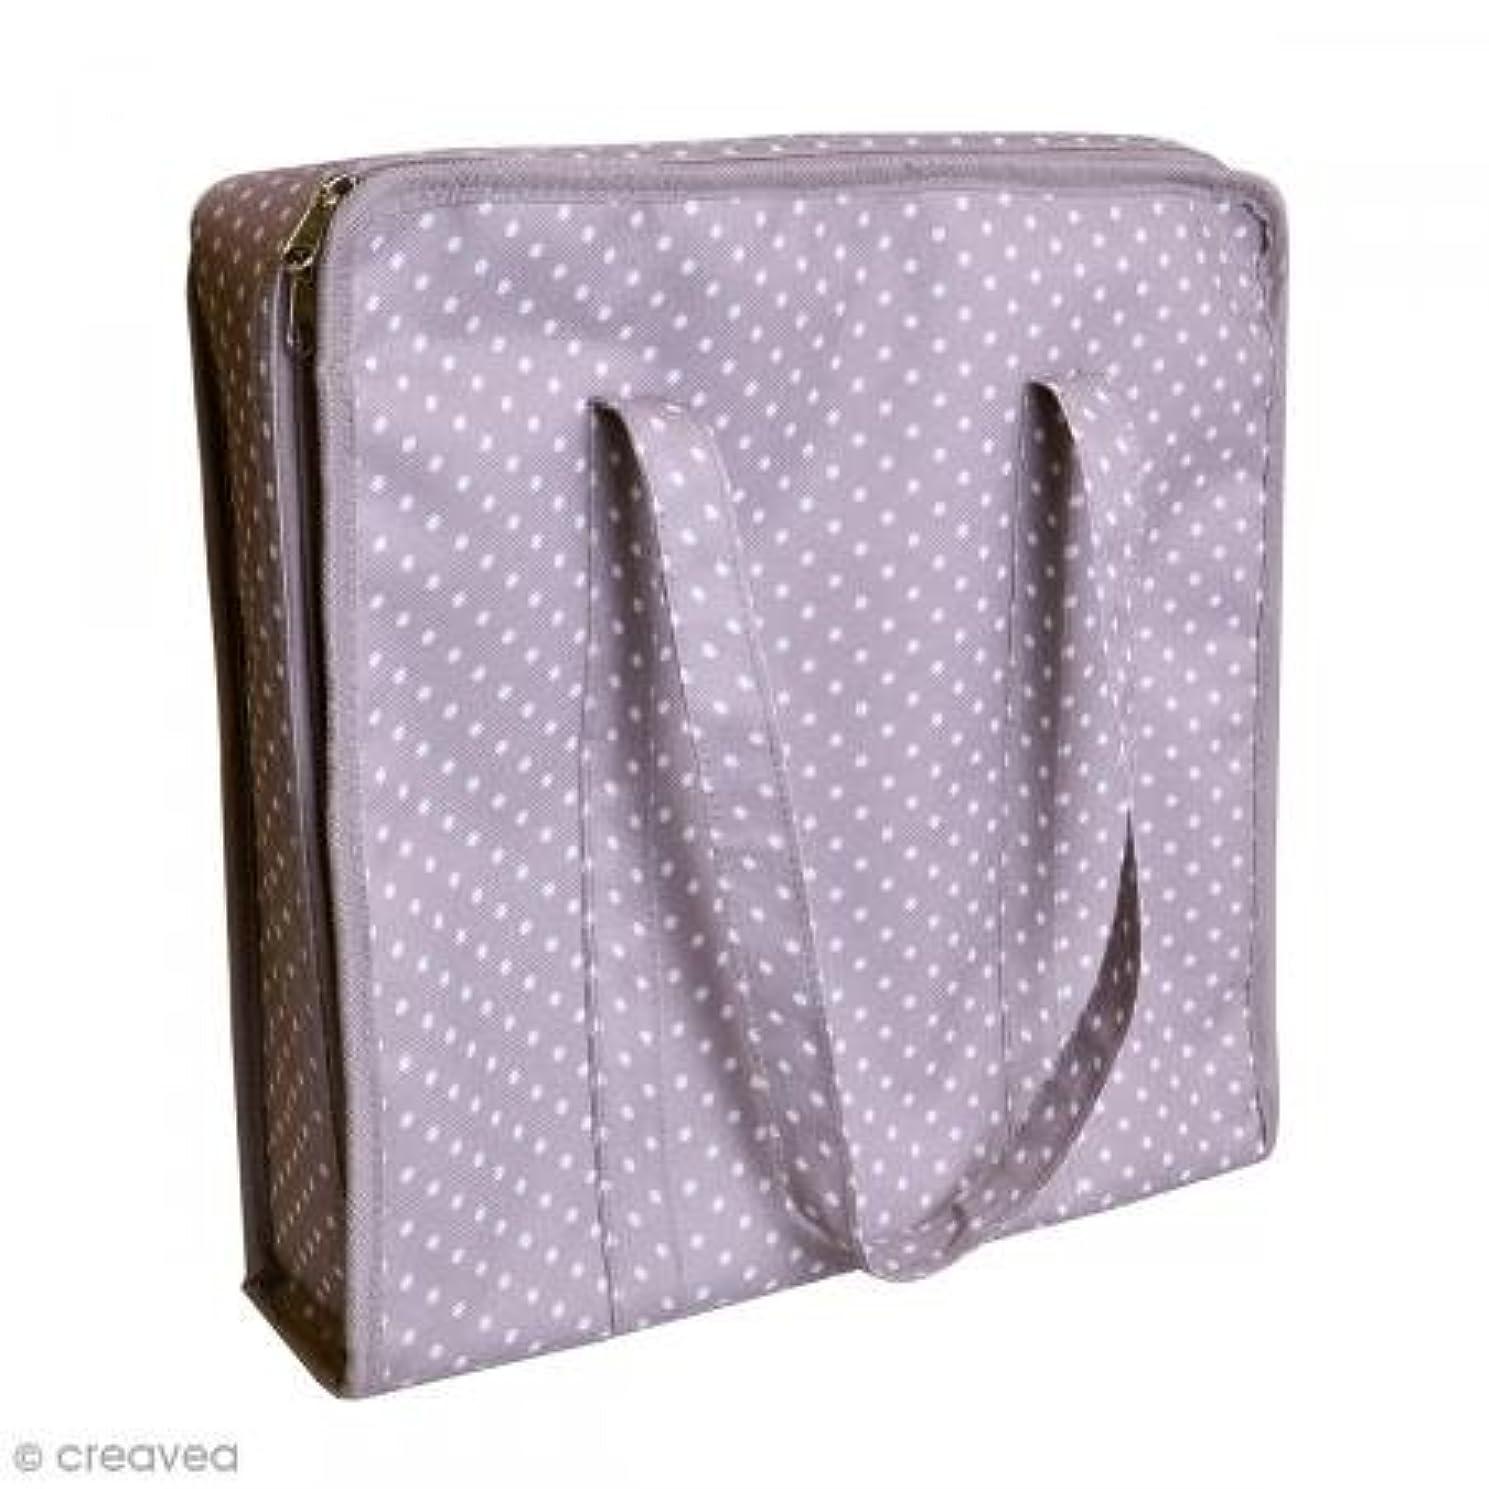 Artemio Storage Bag, Fabric, Multi Coloured, 34?x 9.5?x 34?cm